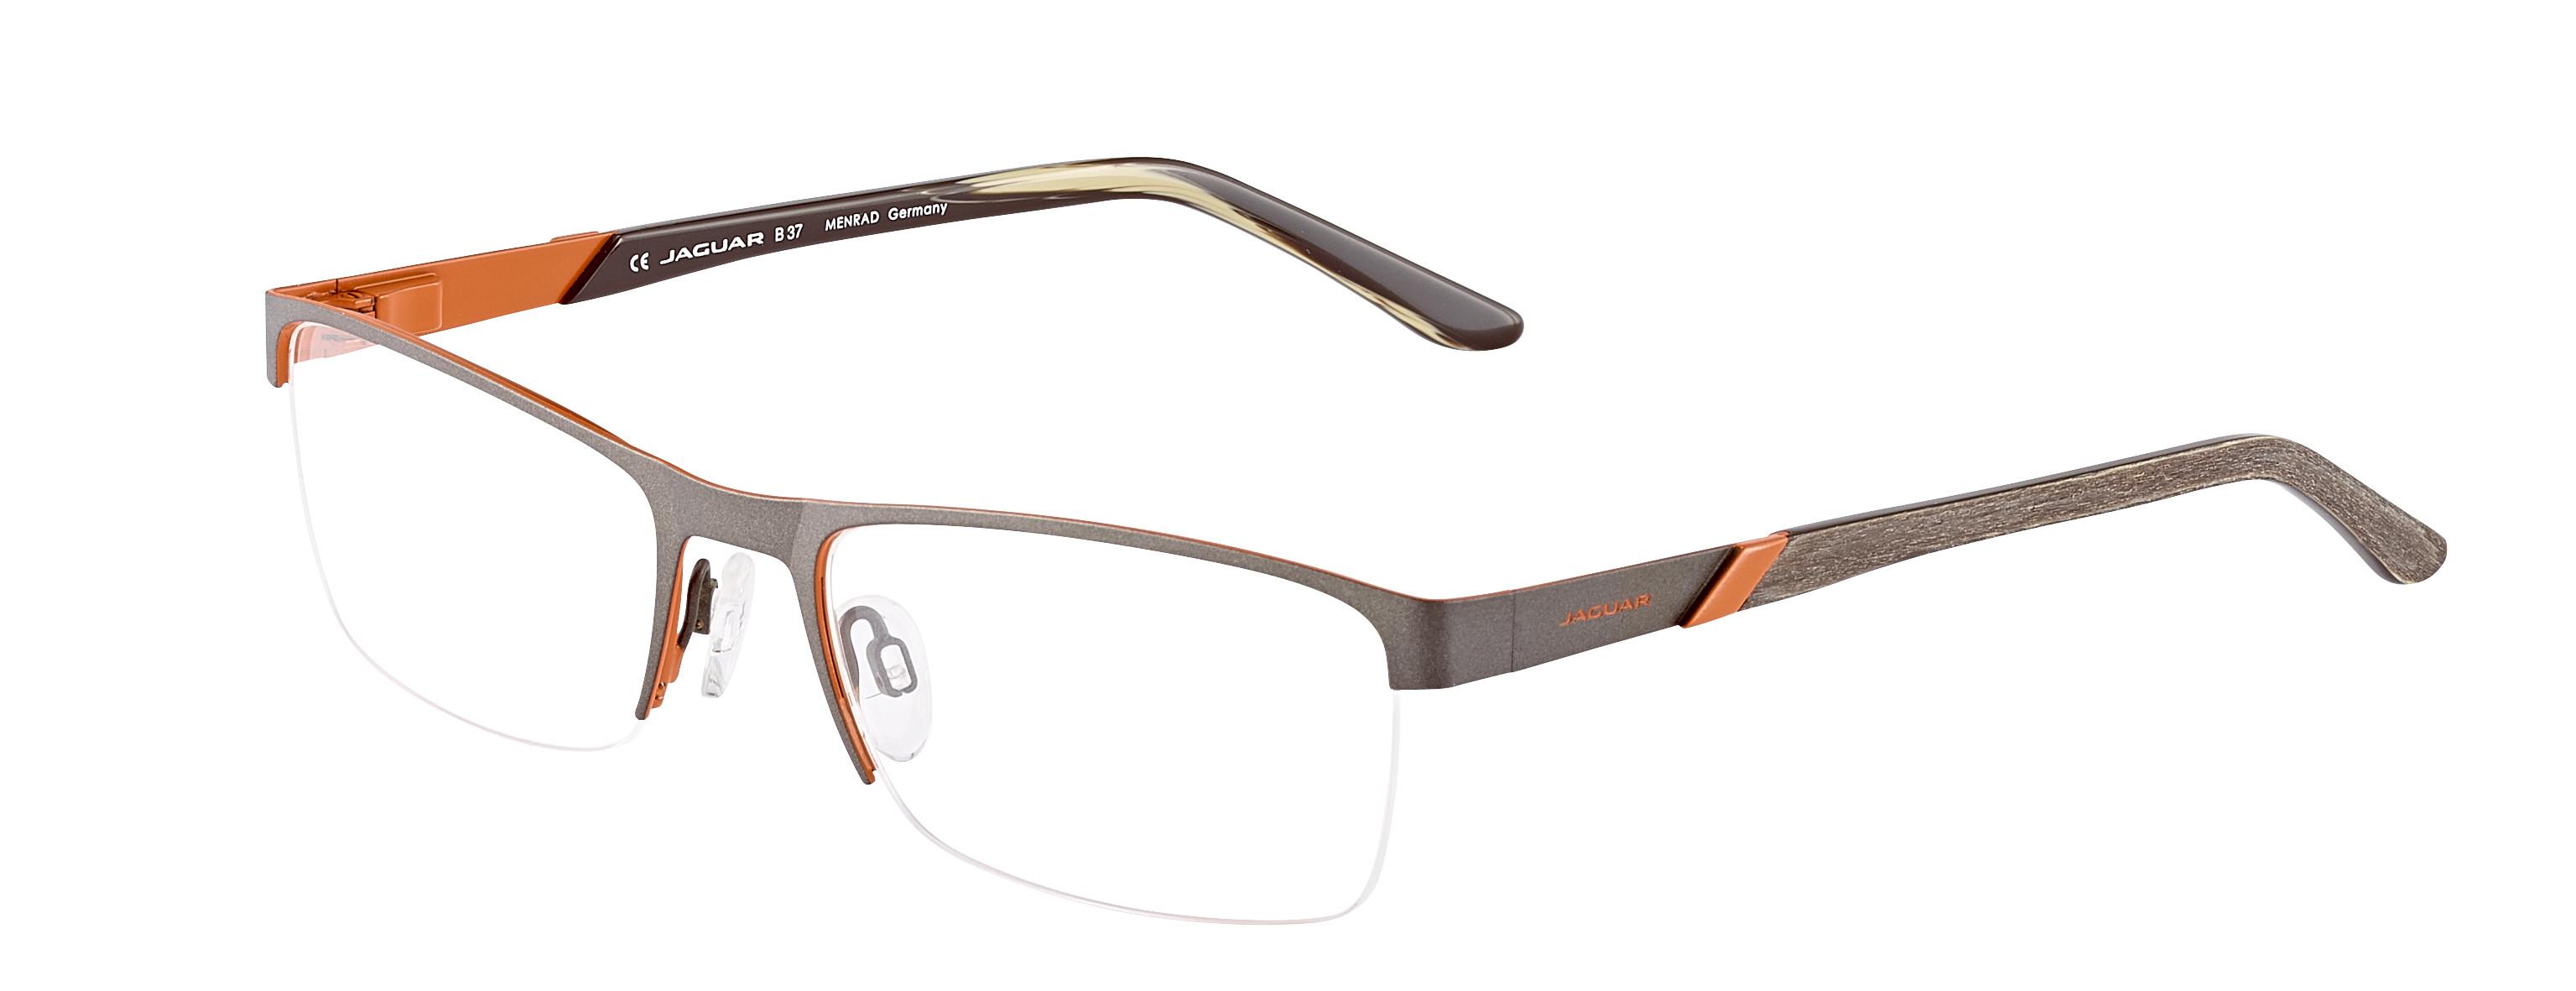 19b52f0e2c8f Jaguar Spirit 33579 Single Vision Prescription Eyeglasses FREE S H  JG335791013SV